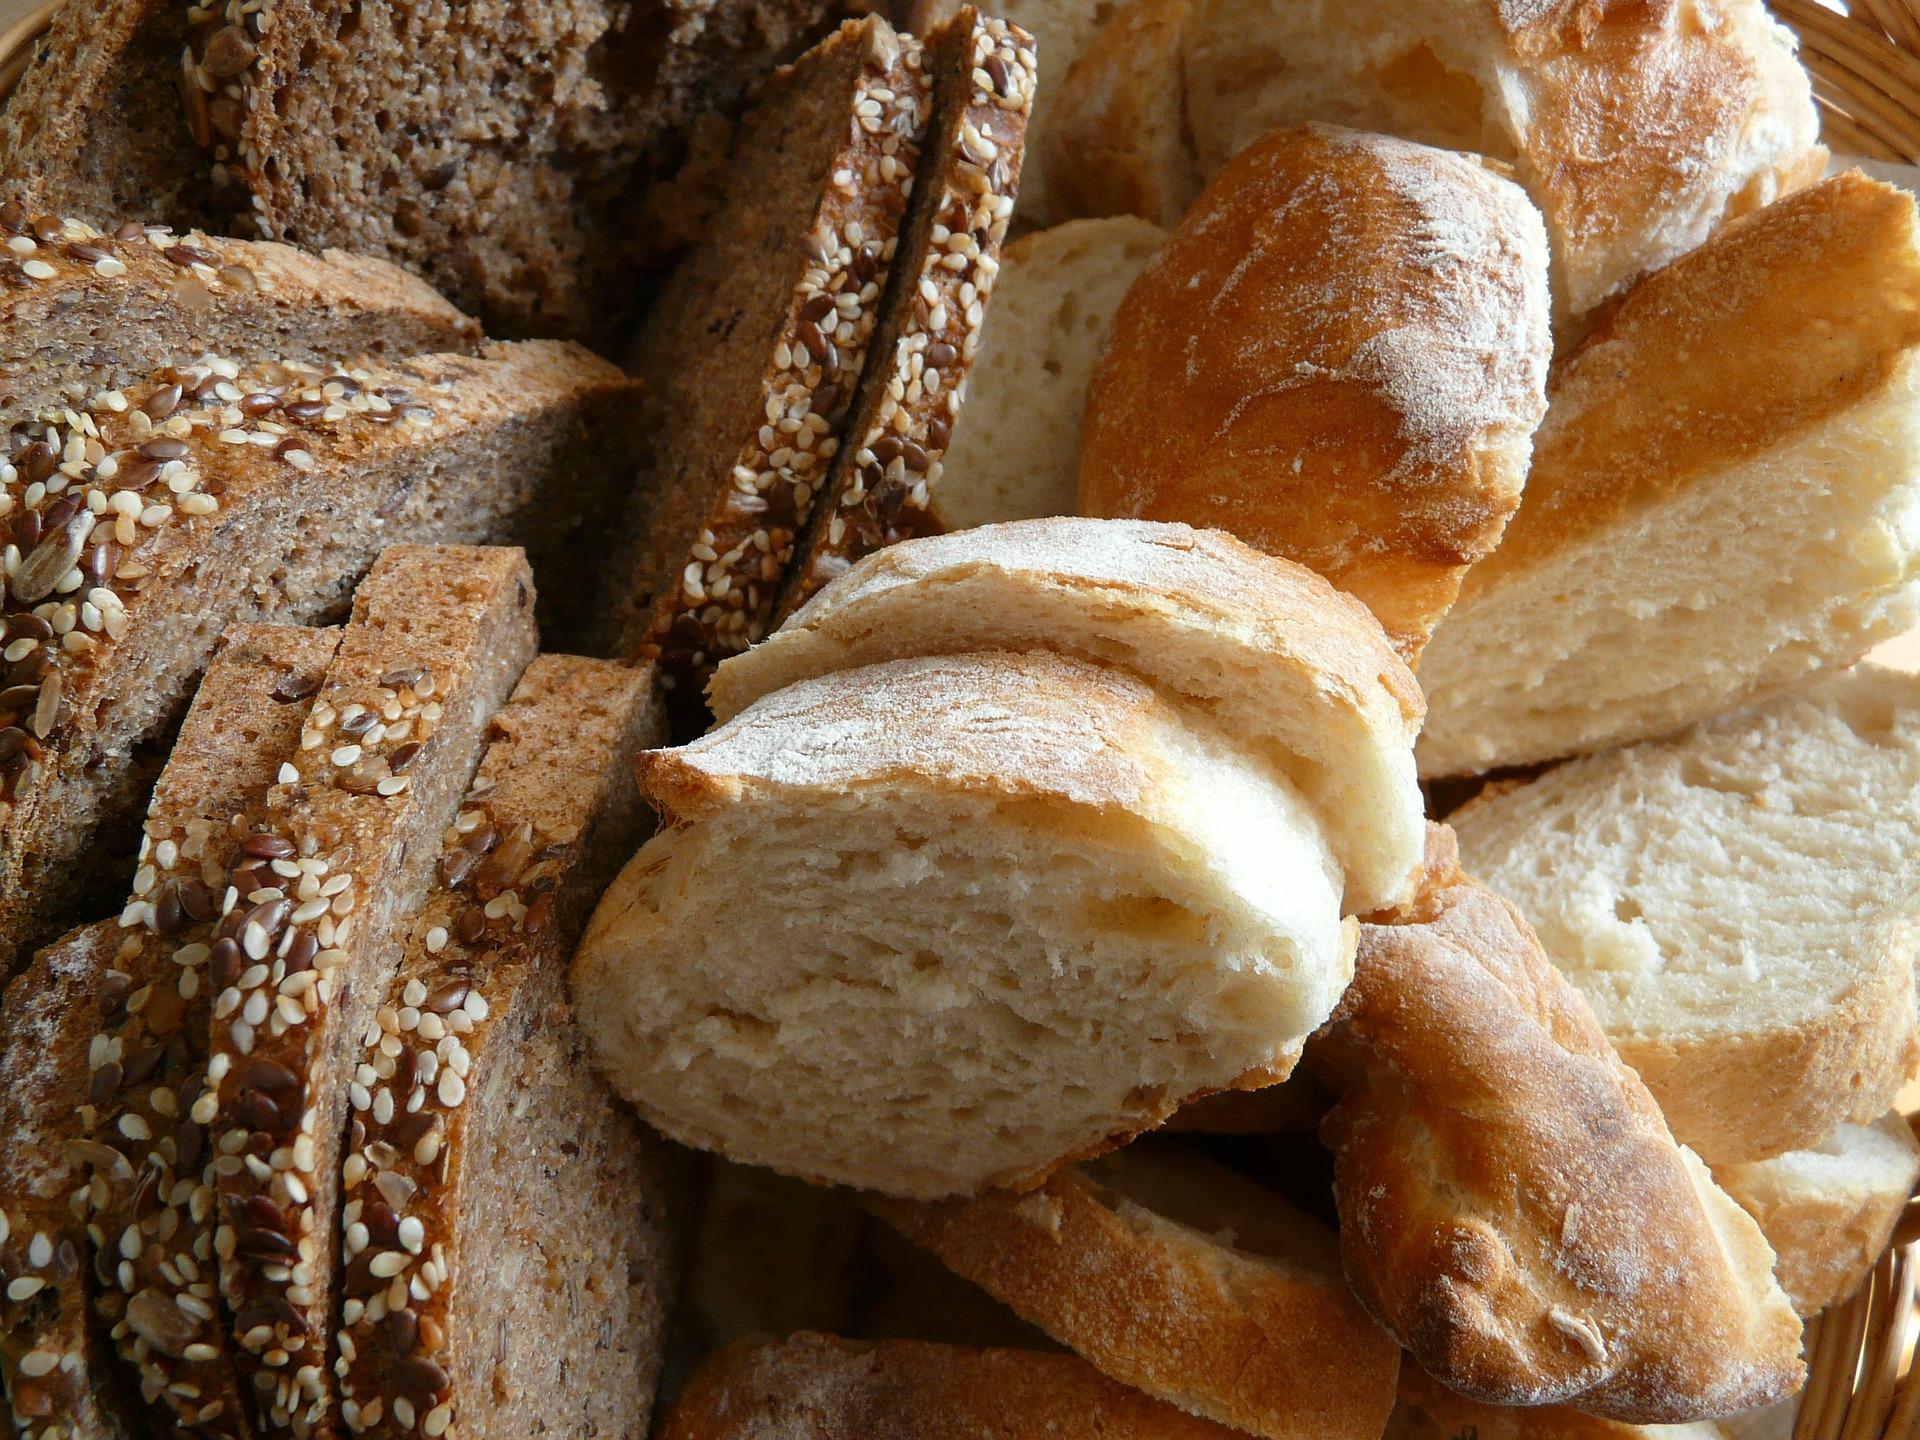 bread-6110_1920-1